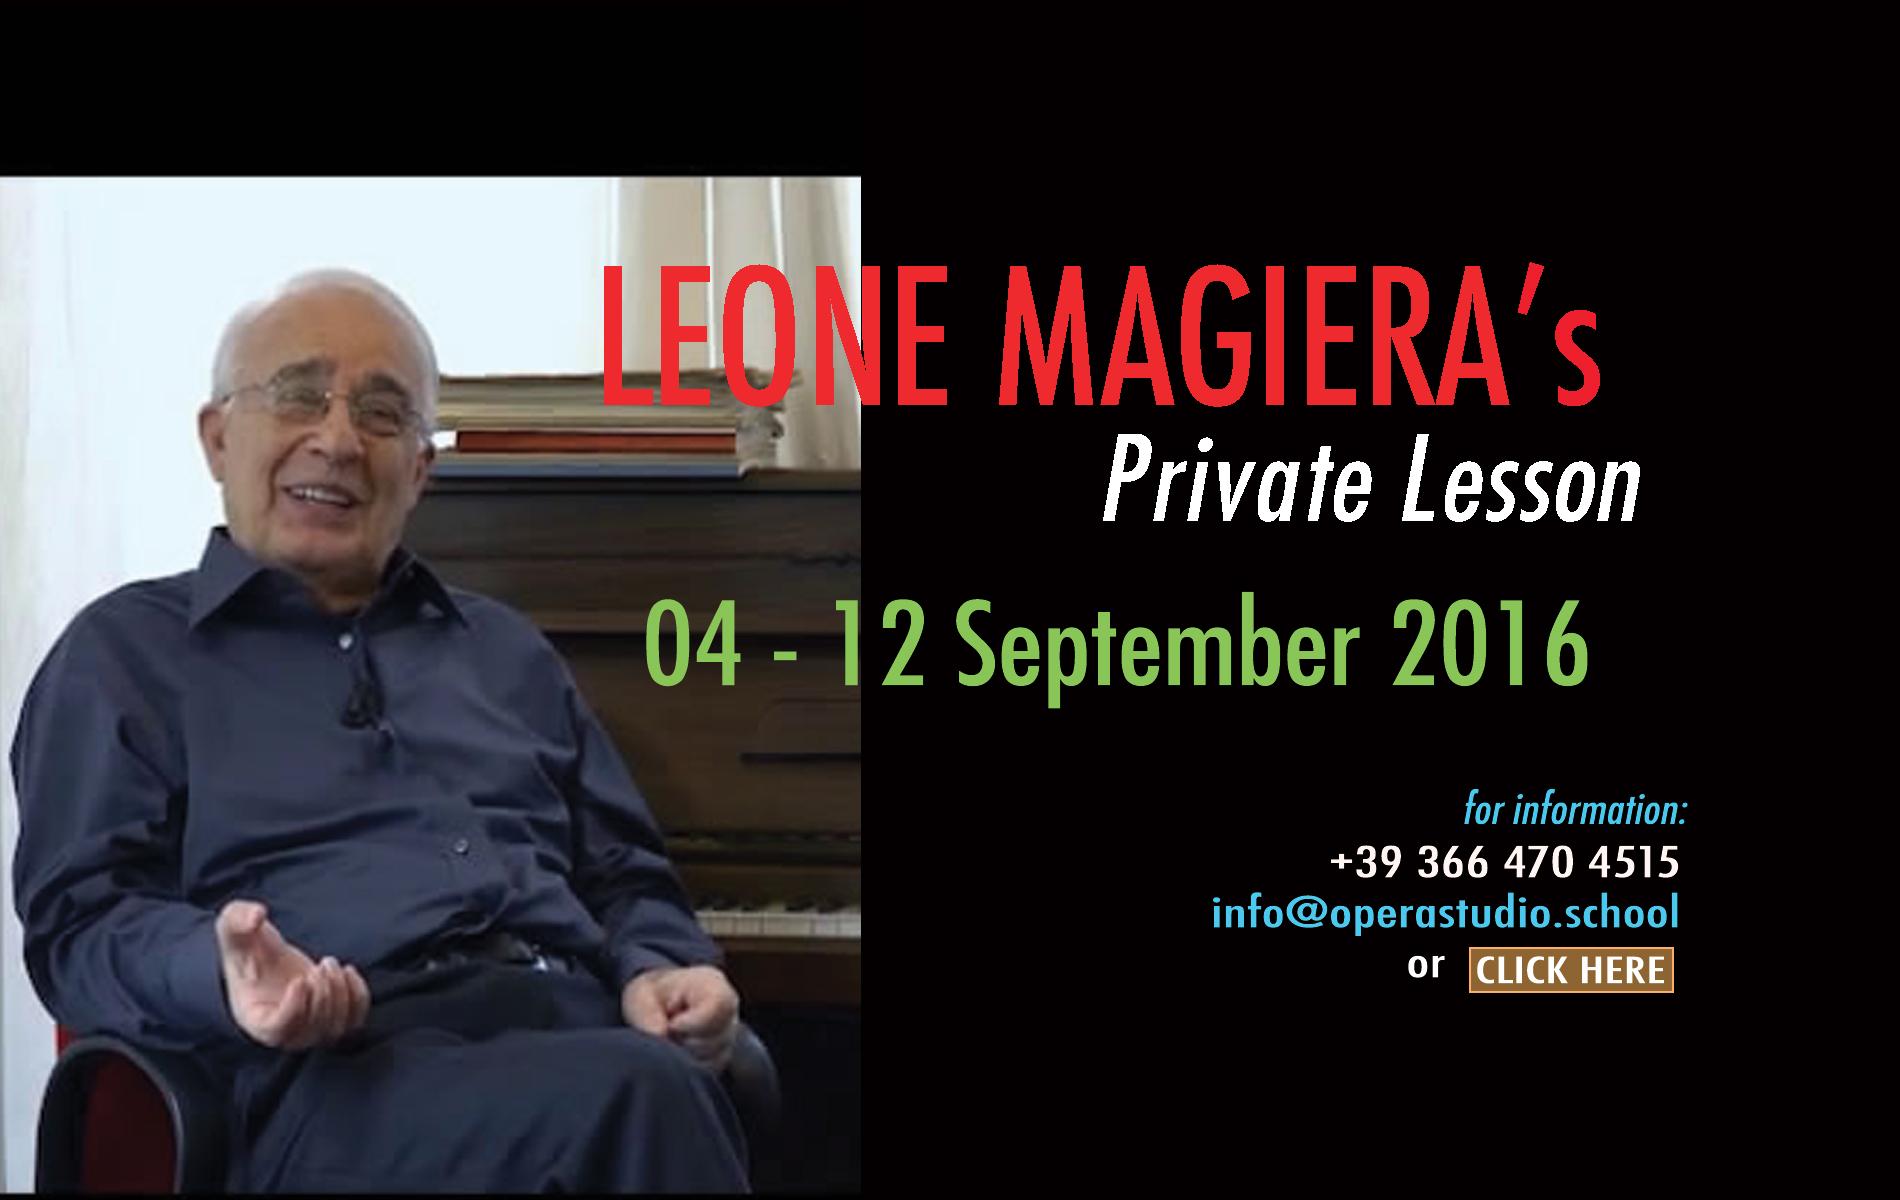 LEONE-MAGIERA,-private-lesson-2016